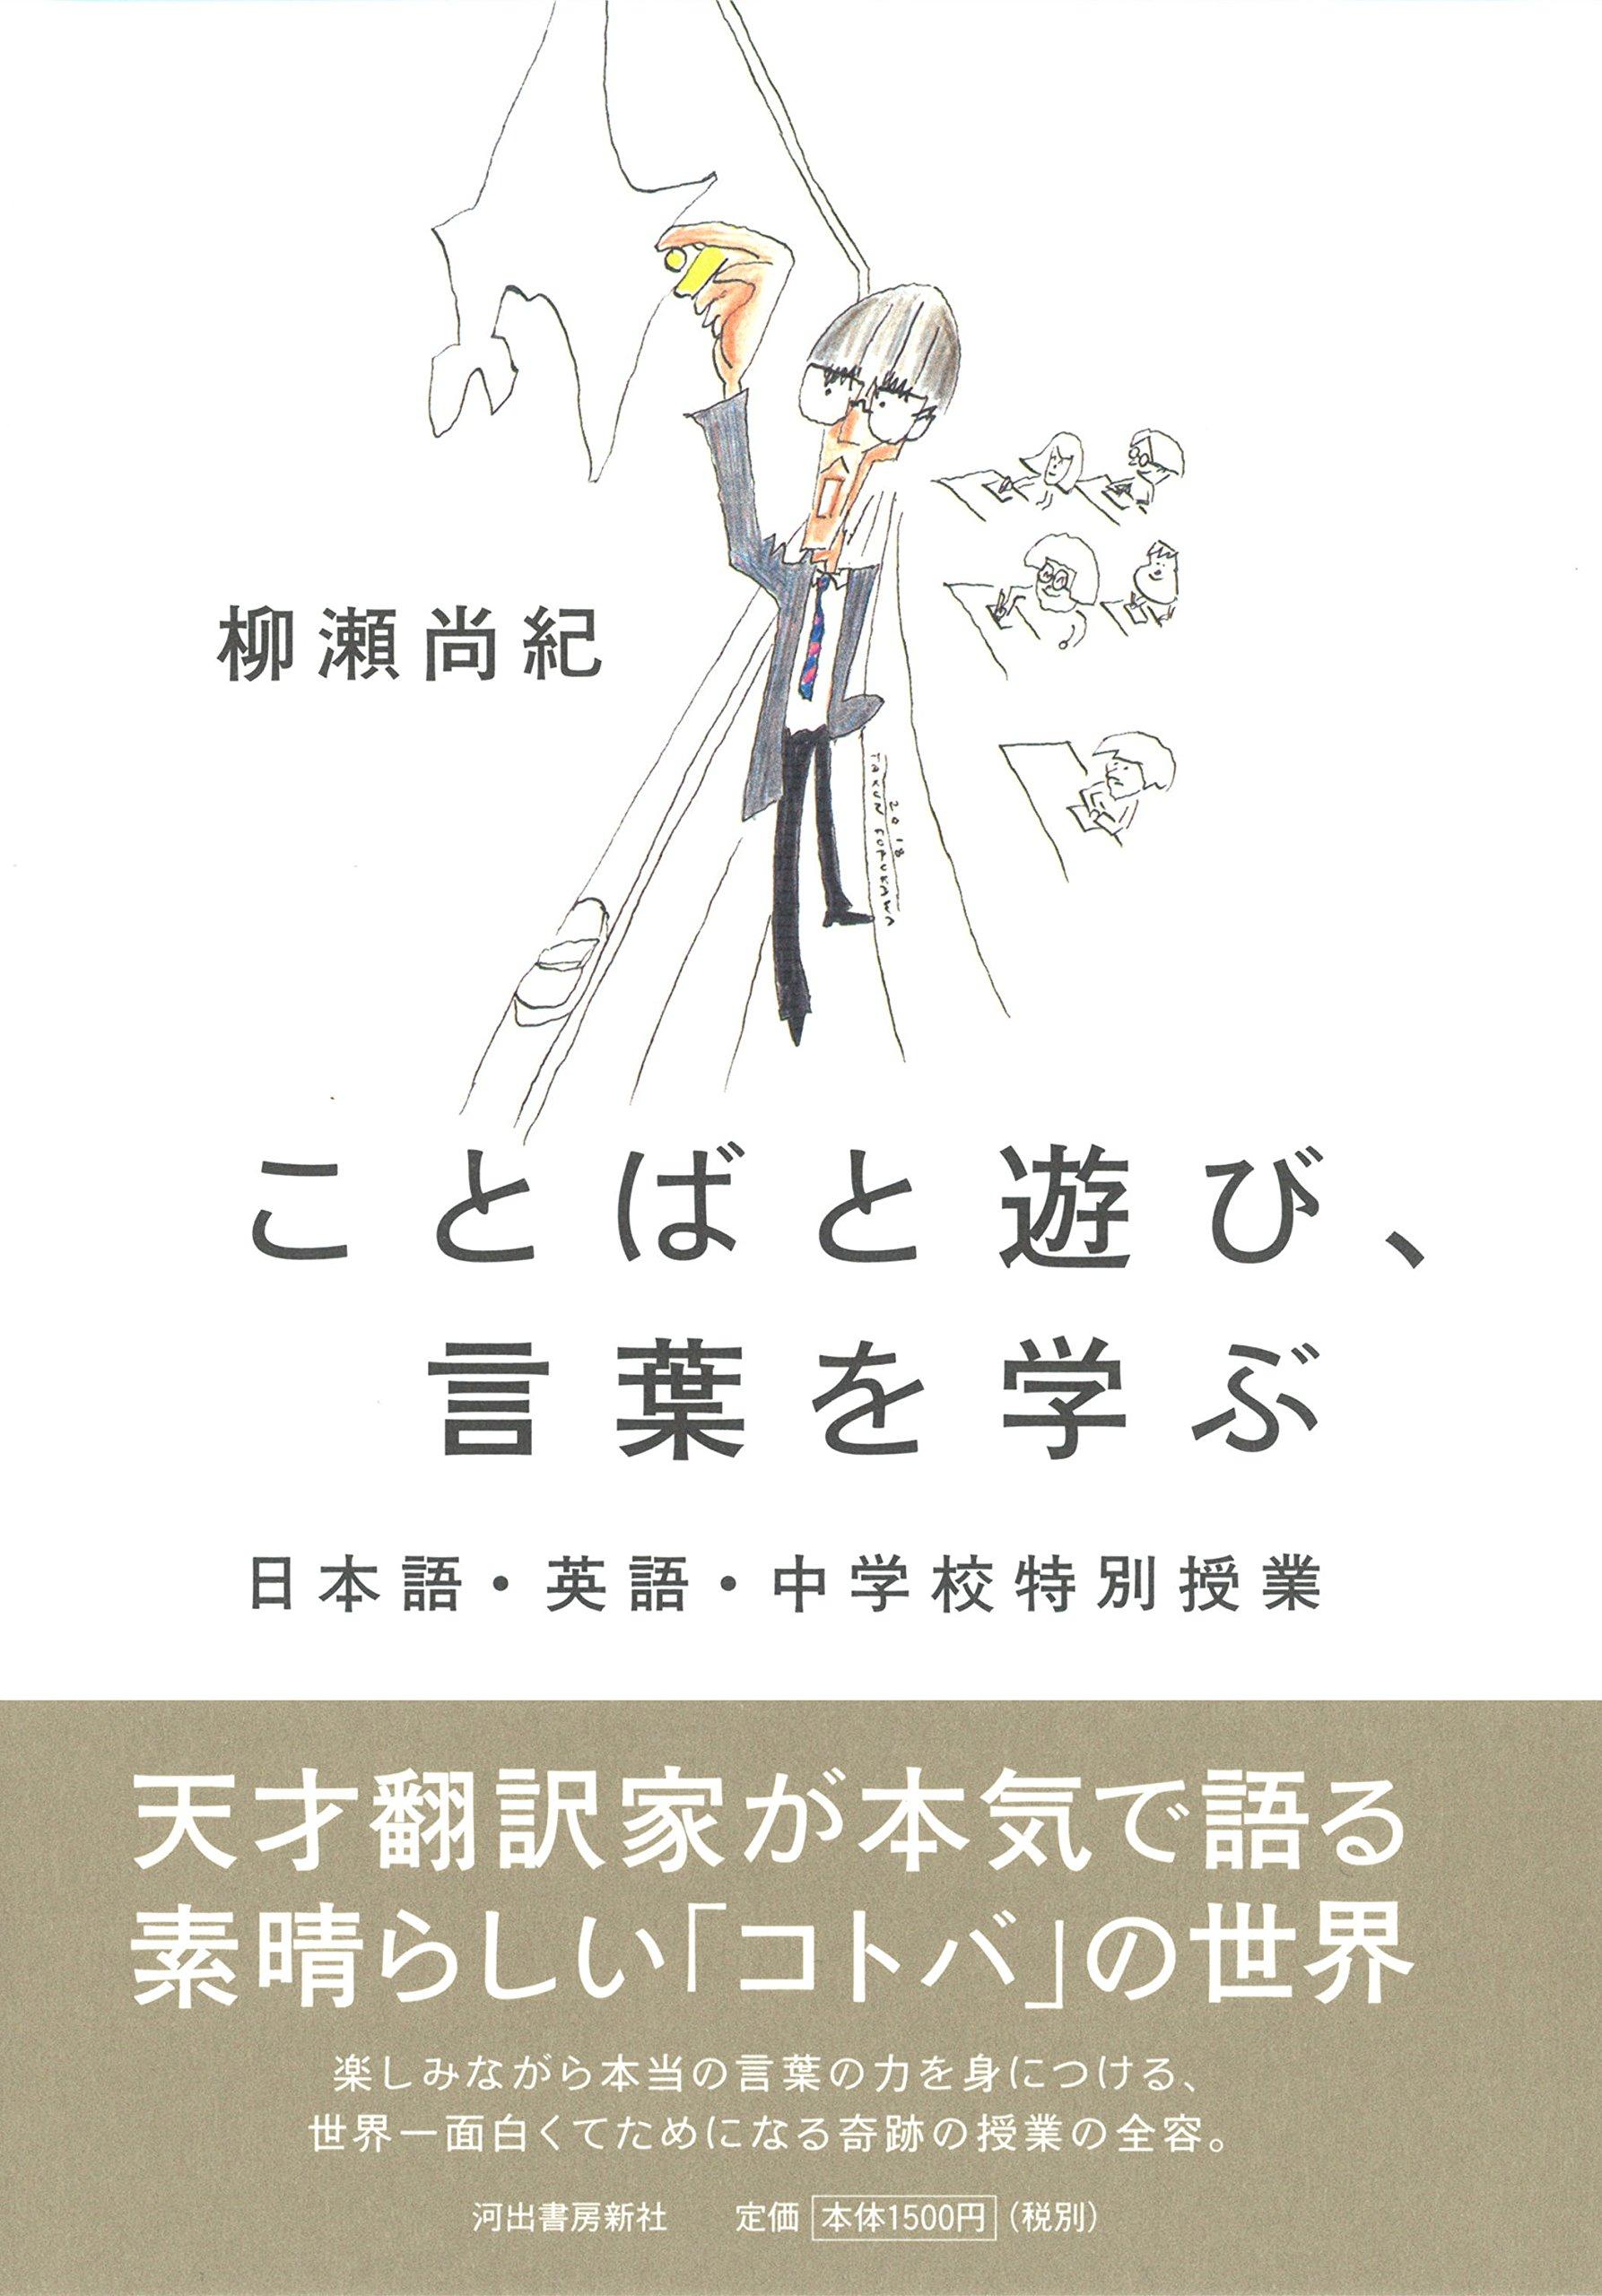 ことばと遊び、言葉を学ぶ: 日本...